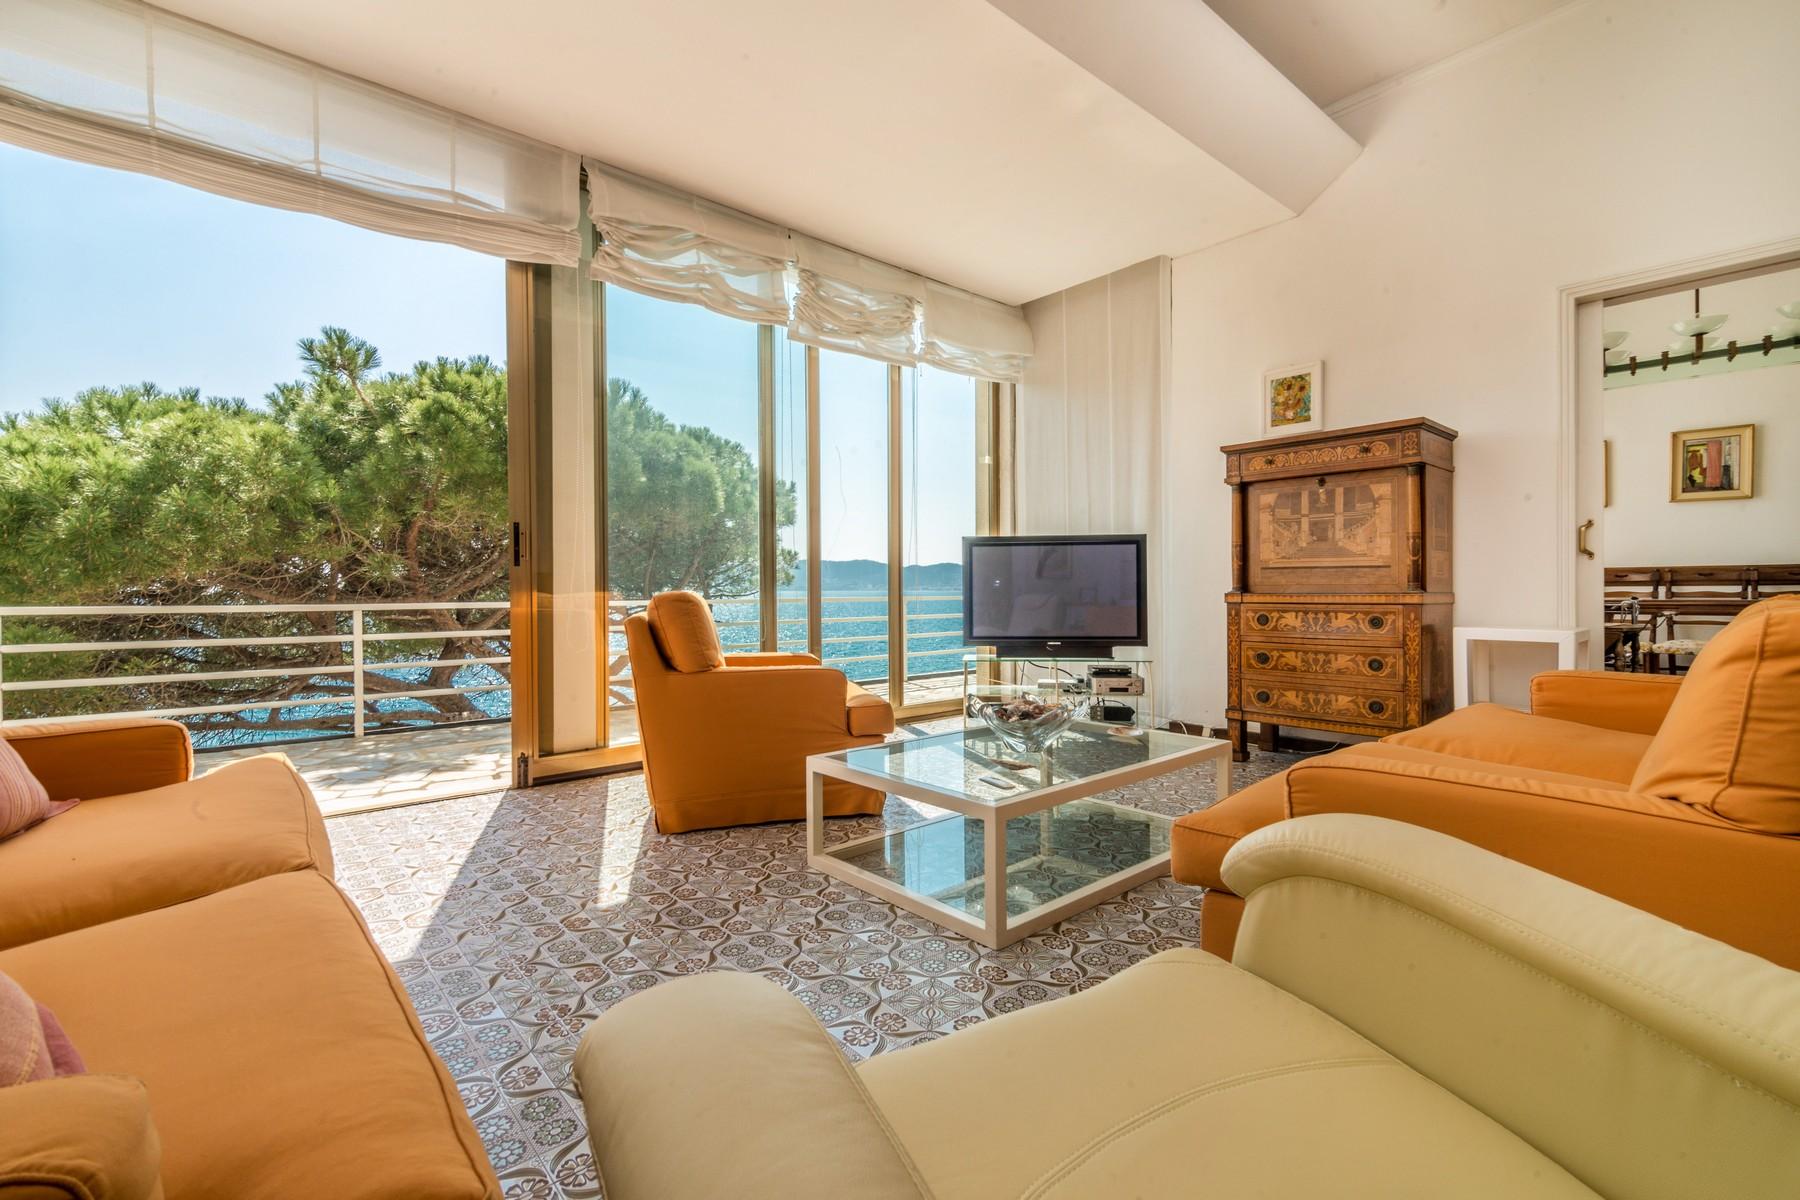 Villa in Vendita a Alassio: 5 locali, 388 mq - Foto 3